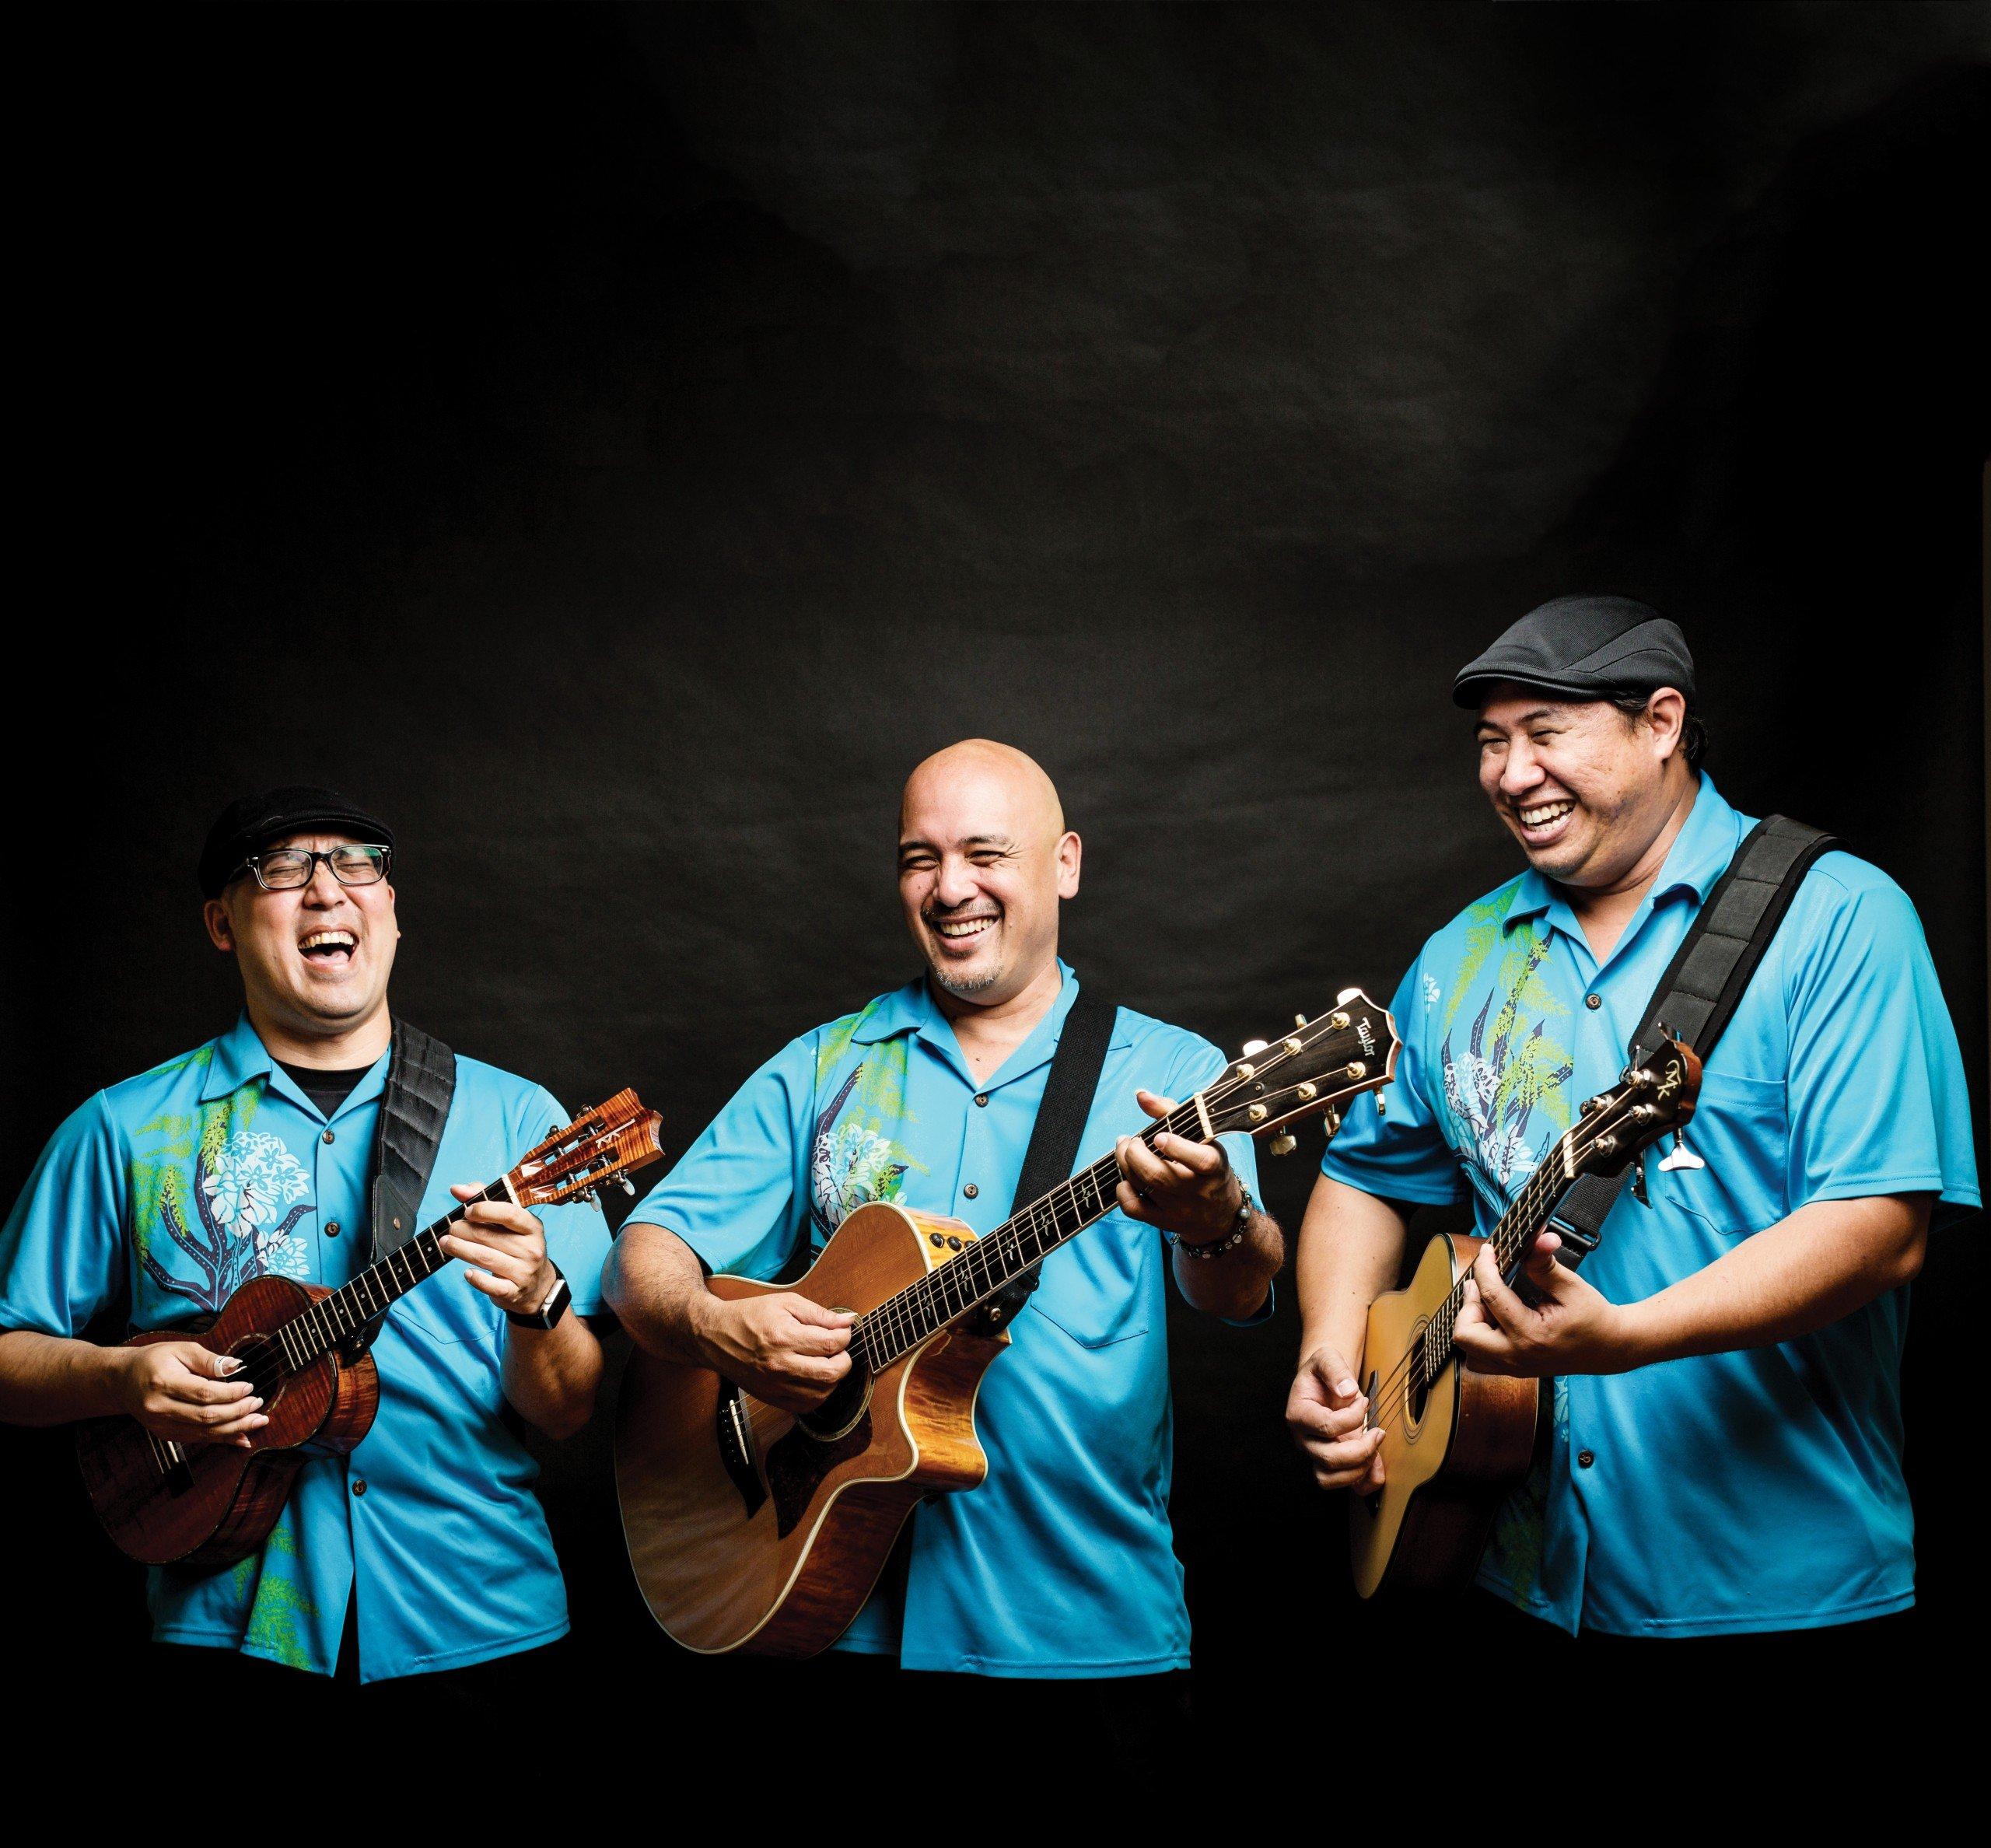 """The Na Hoku Hanohano award-winning trio Waipuna performs in Japan once a month. From left, David Kamakahi, Matthew Kawaiola Sproat, and Kahookeleholu """"Kale"""" Hannahs."""